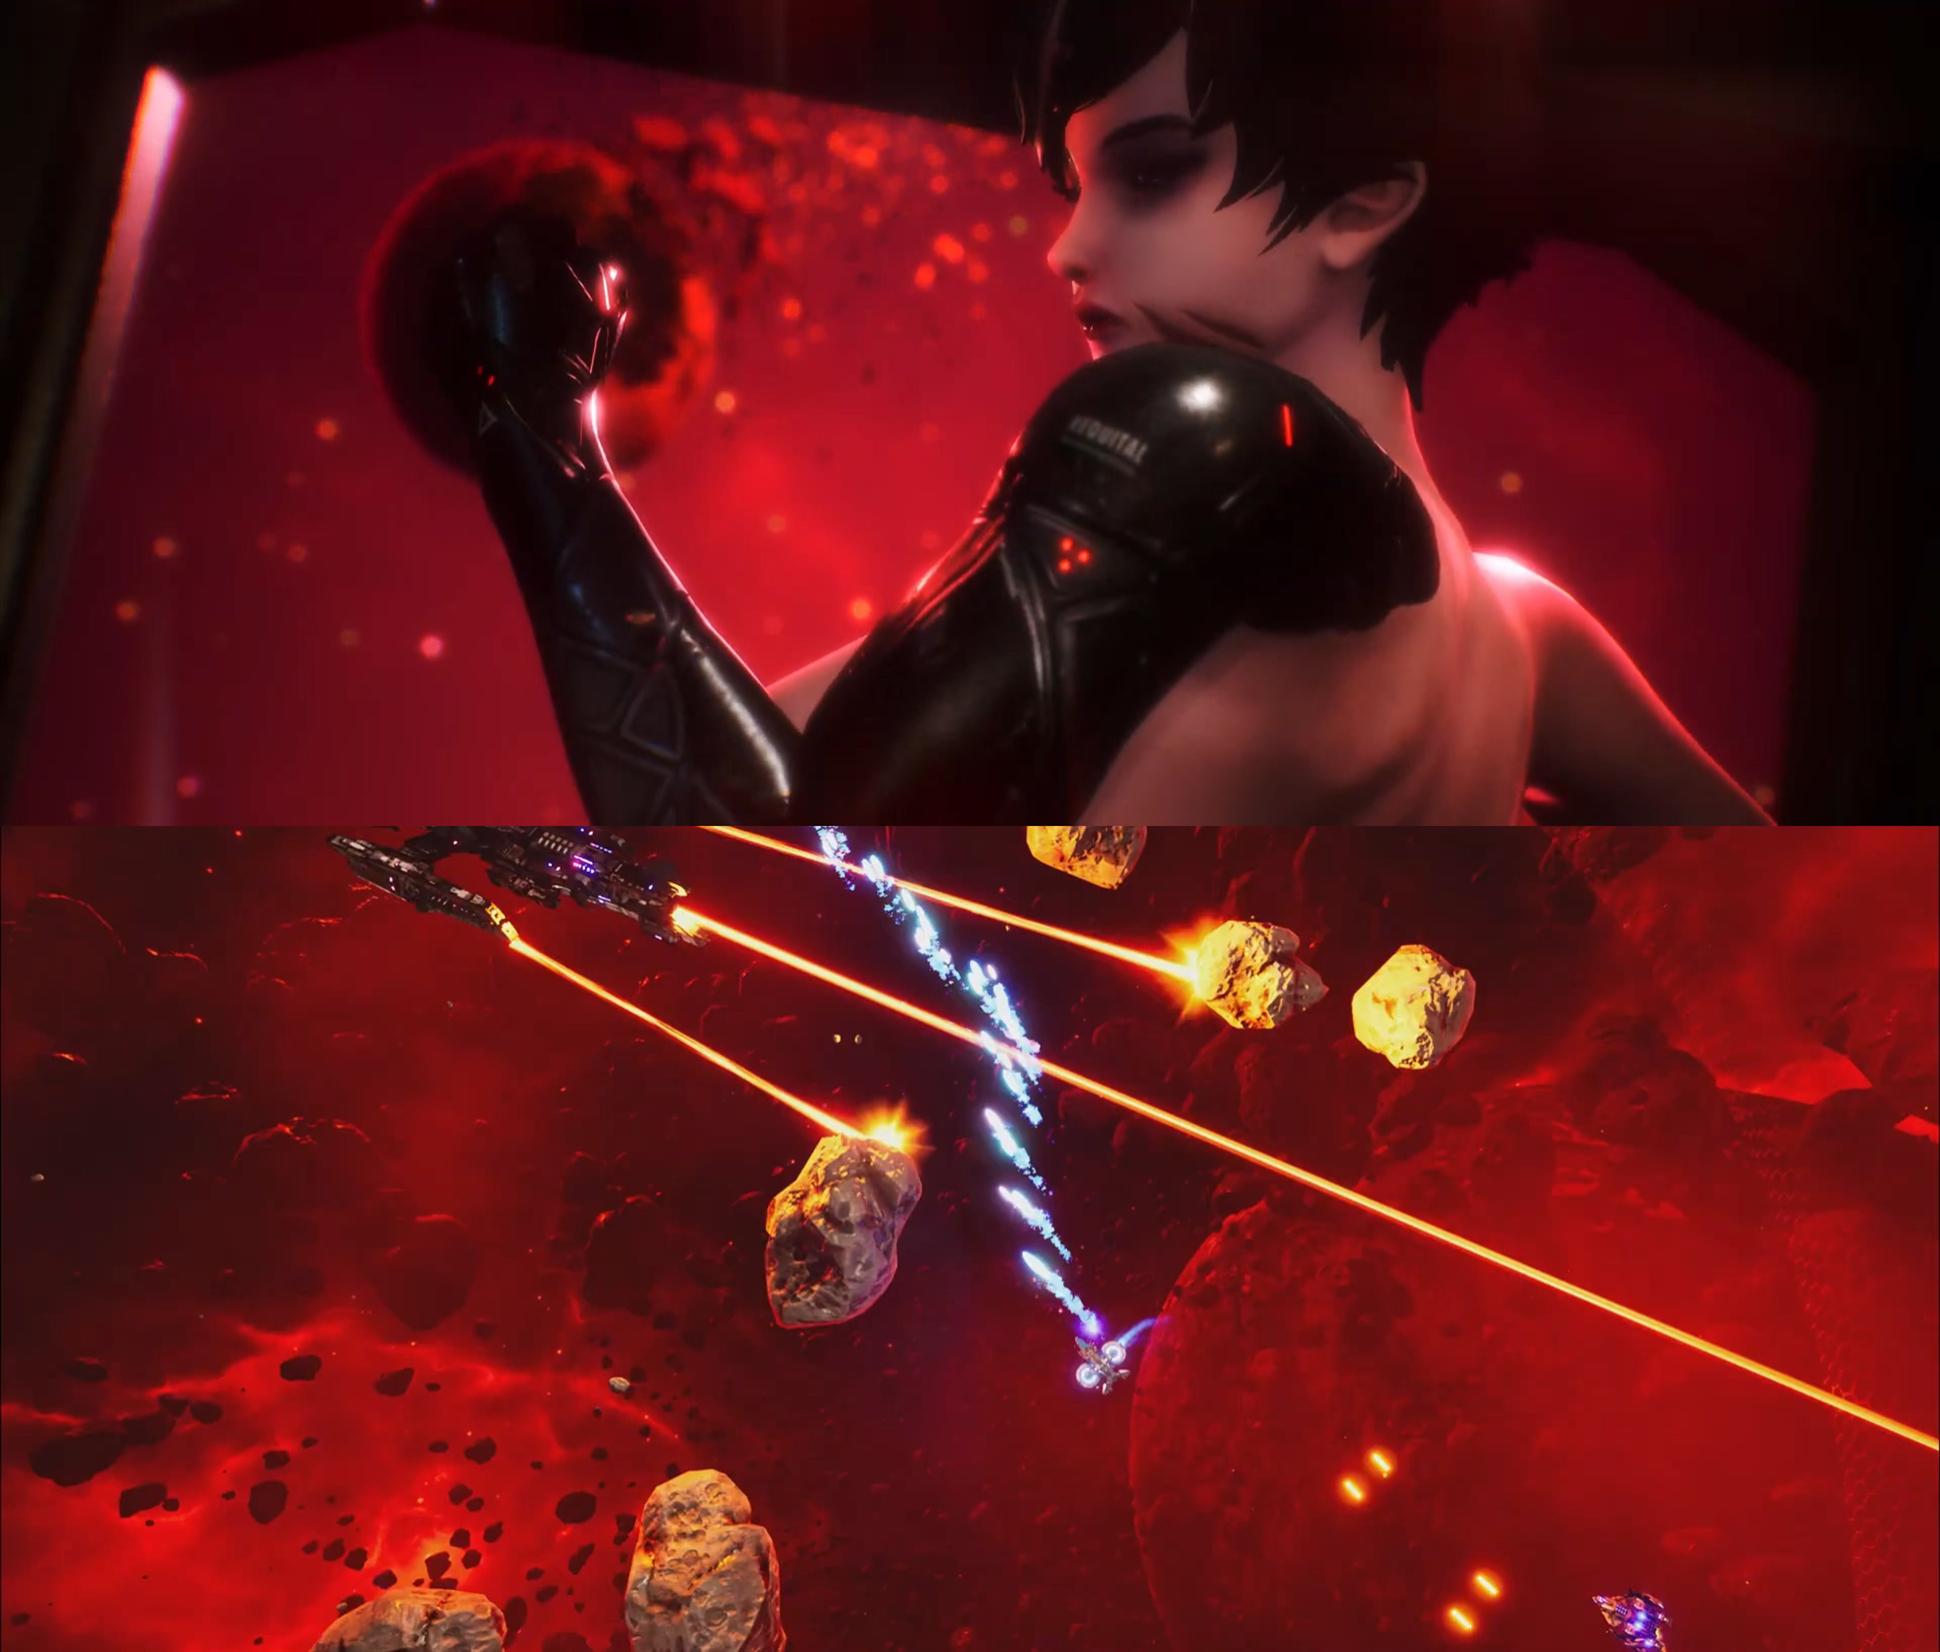 马头社《Subverse》官方预告画面放出 致敬《凯瑟琳》